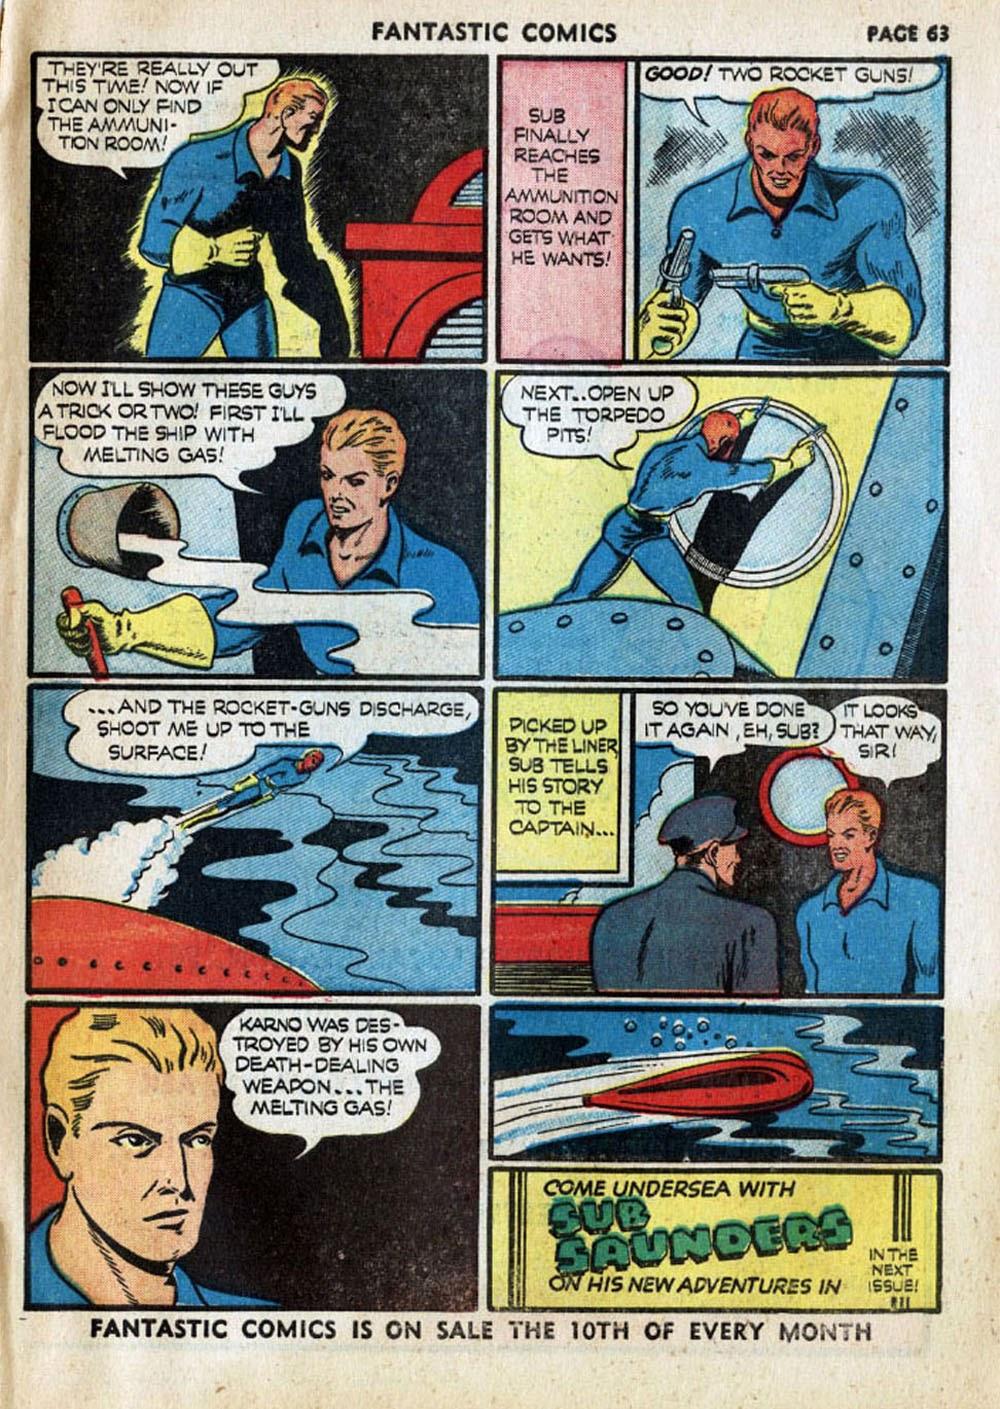 Read online Fantastic Comics comic -  Issue #17 - 64